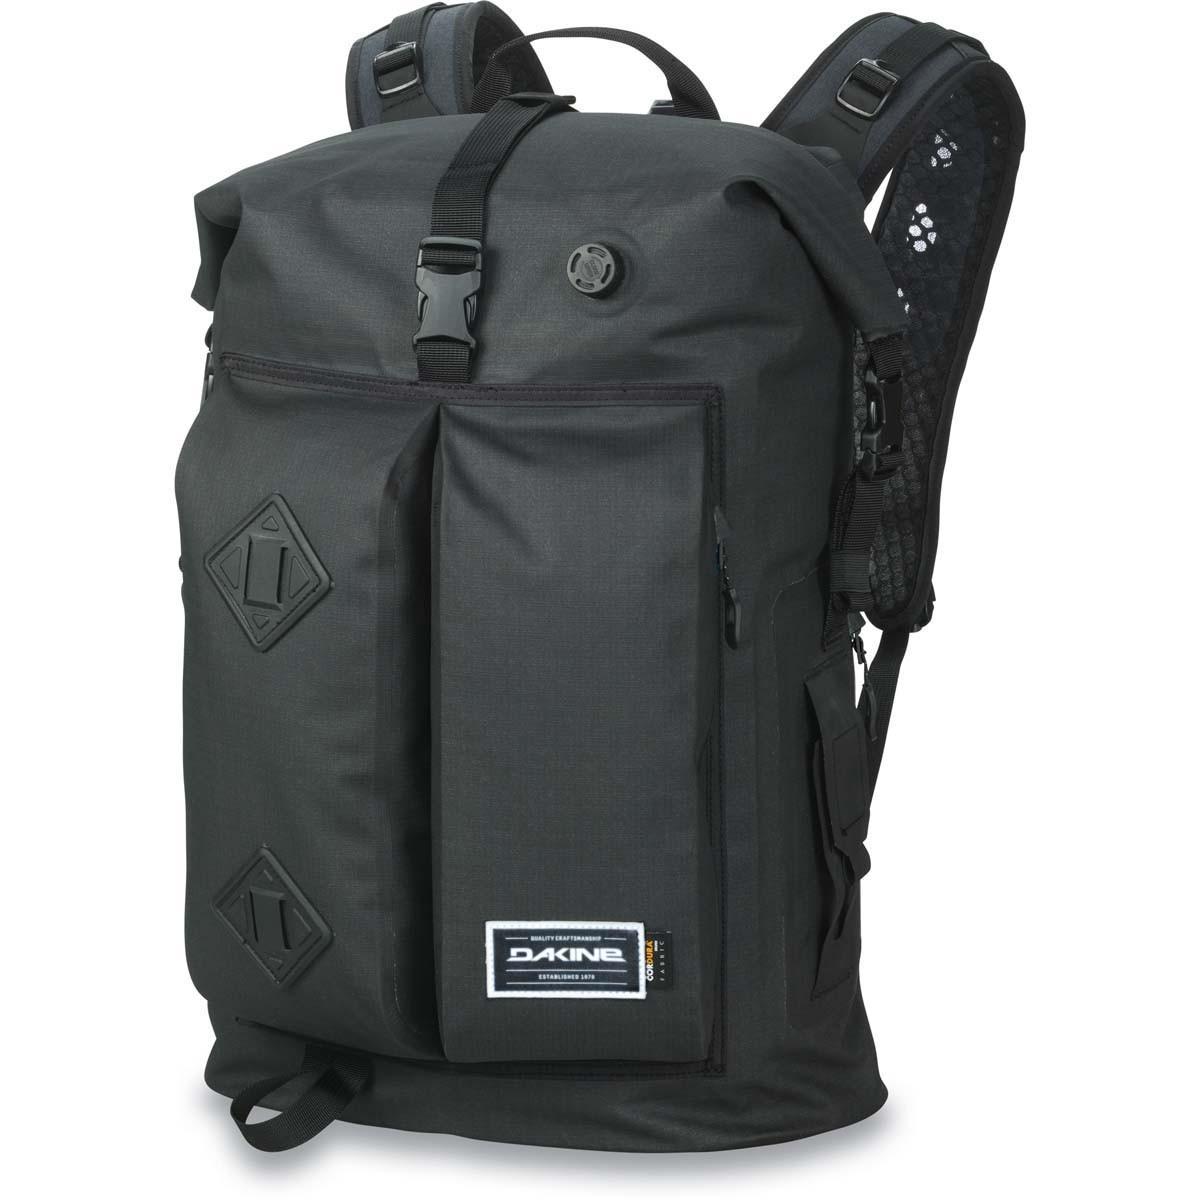 27f0ee34a8781 Dakine Cyclone II Dry Pack 36L Backpack Cyclone Black